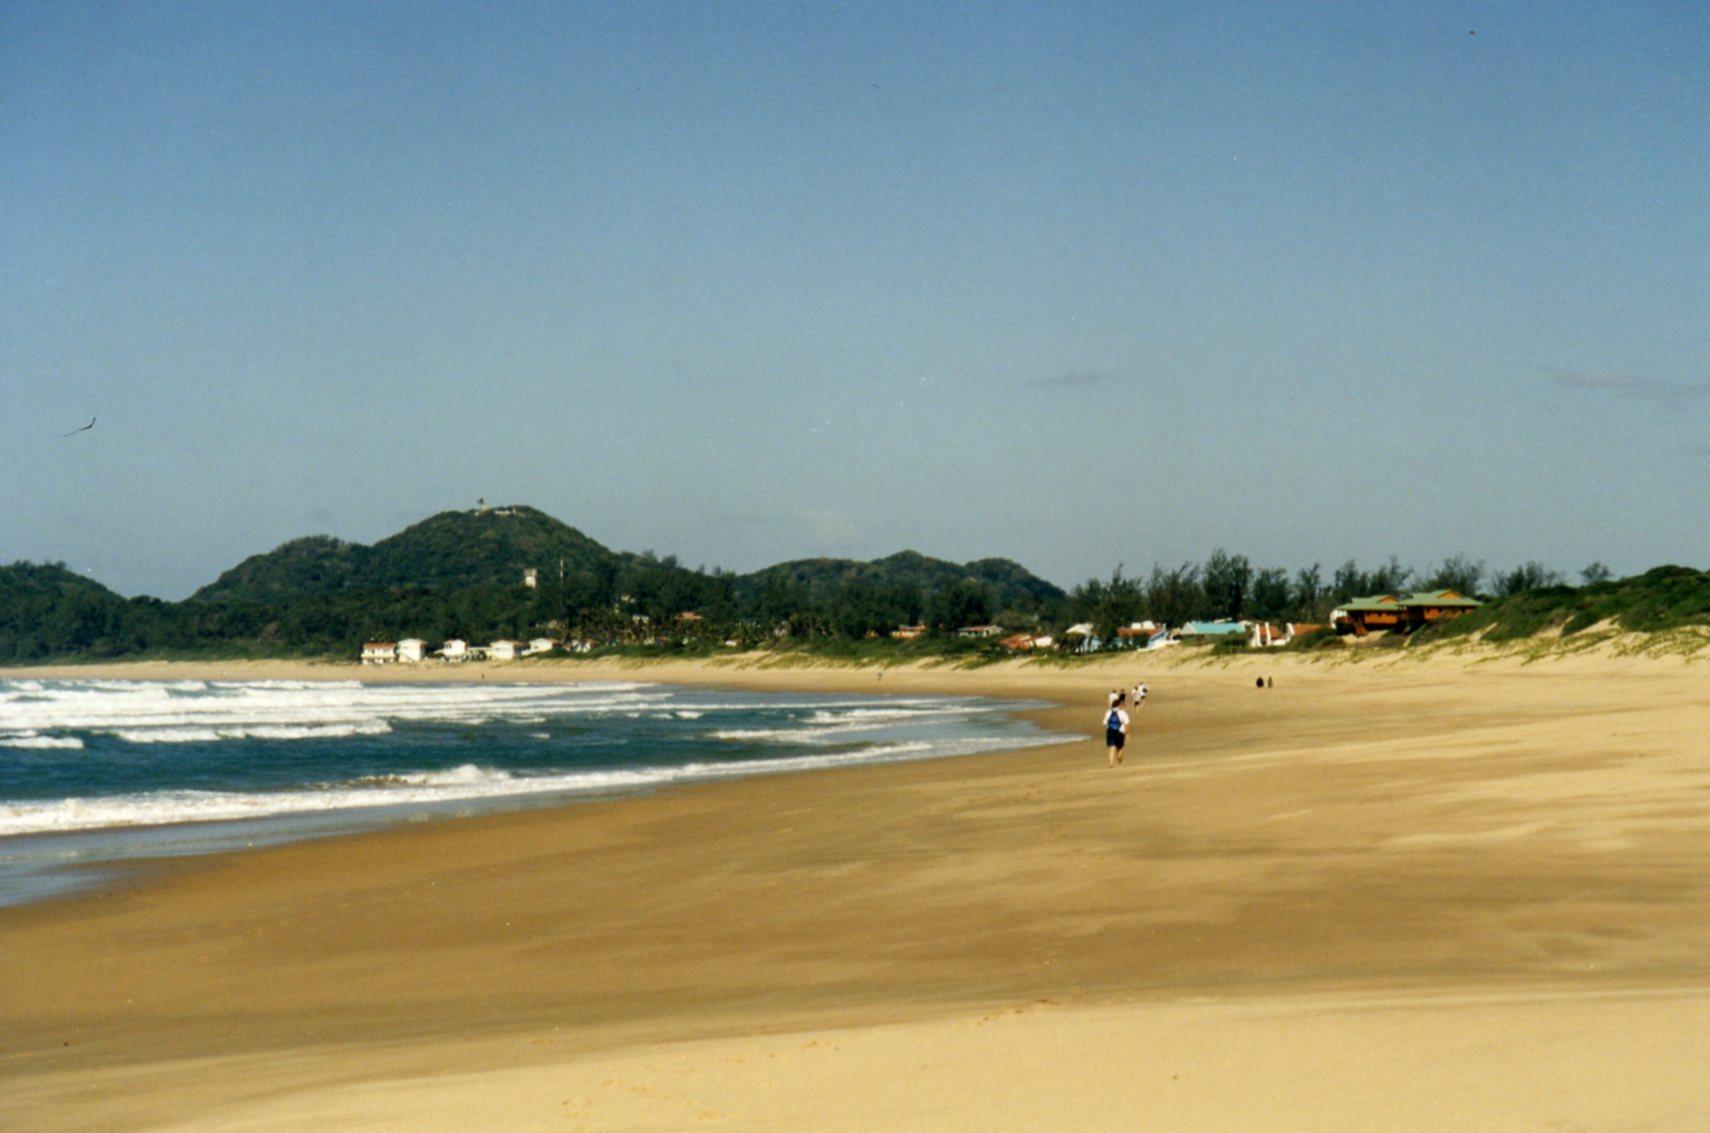 Walking to Ponta do Ouro